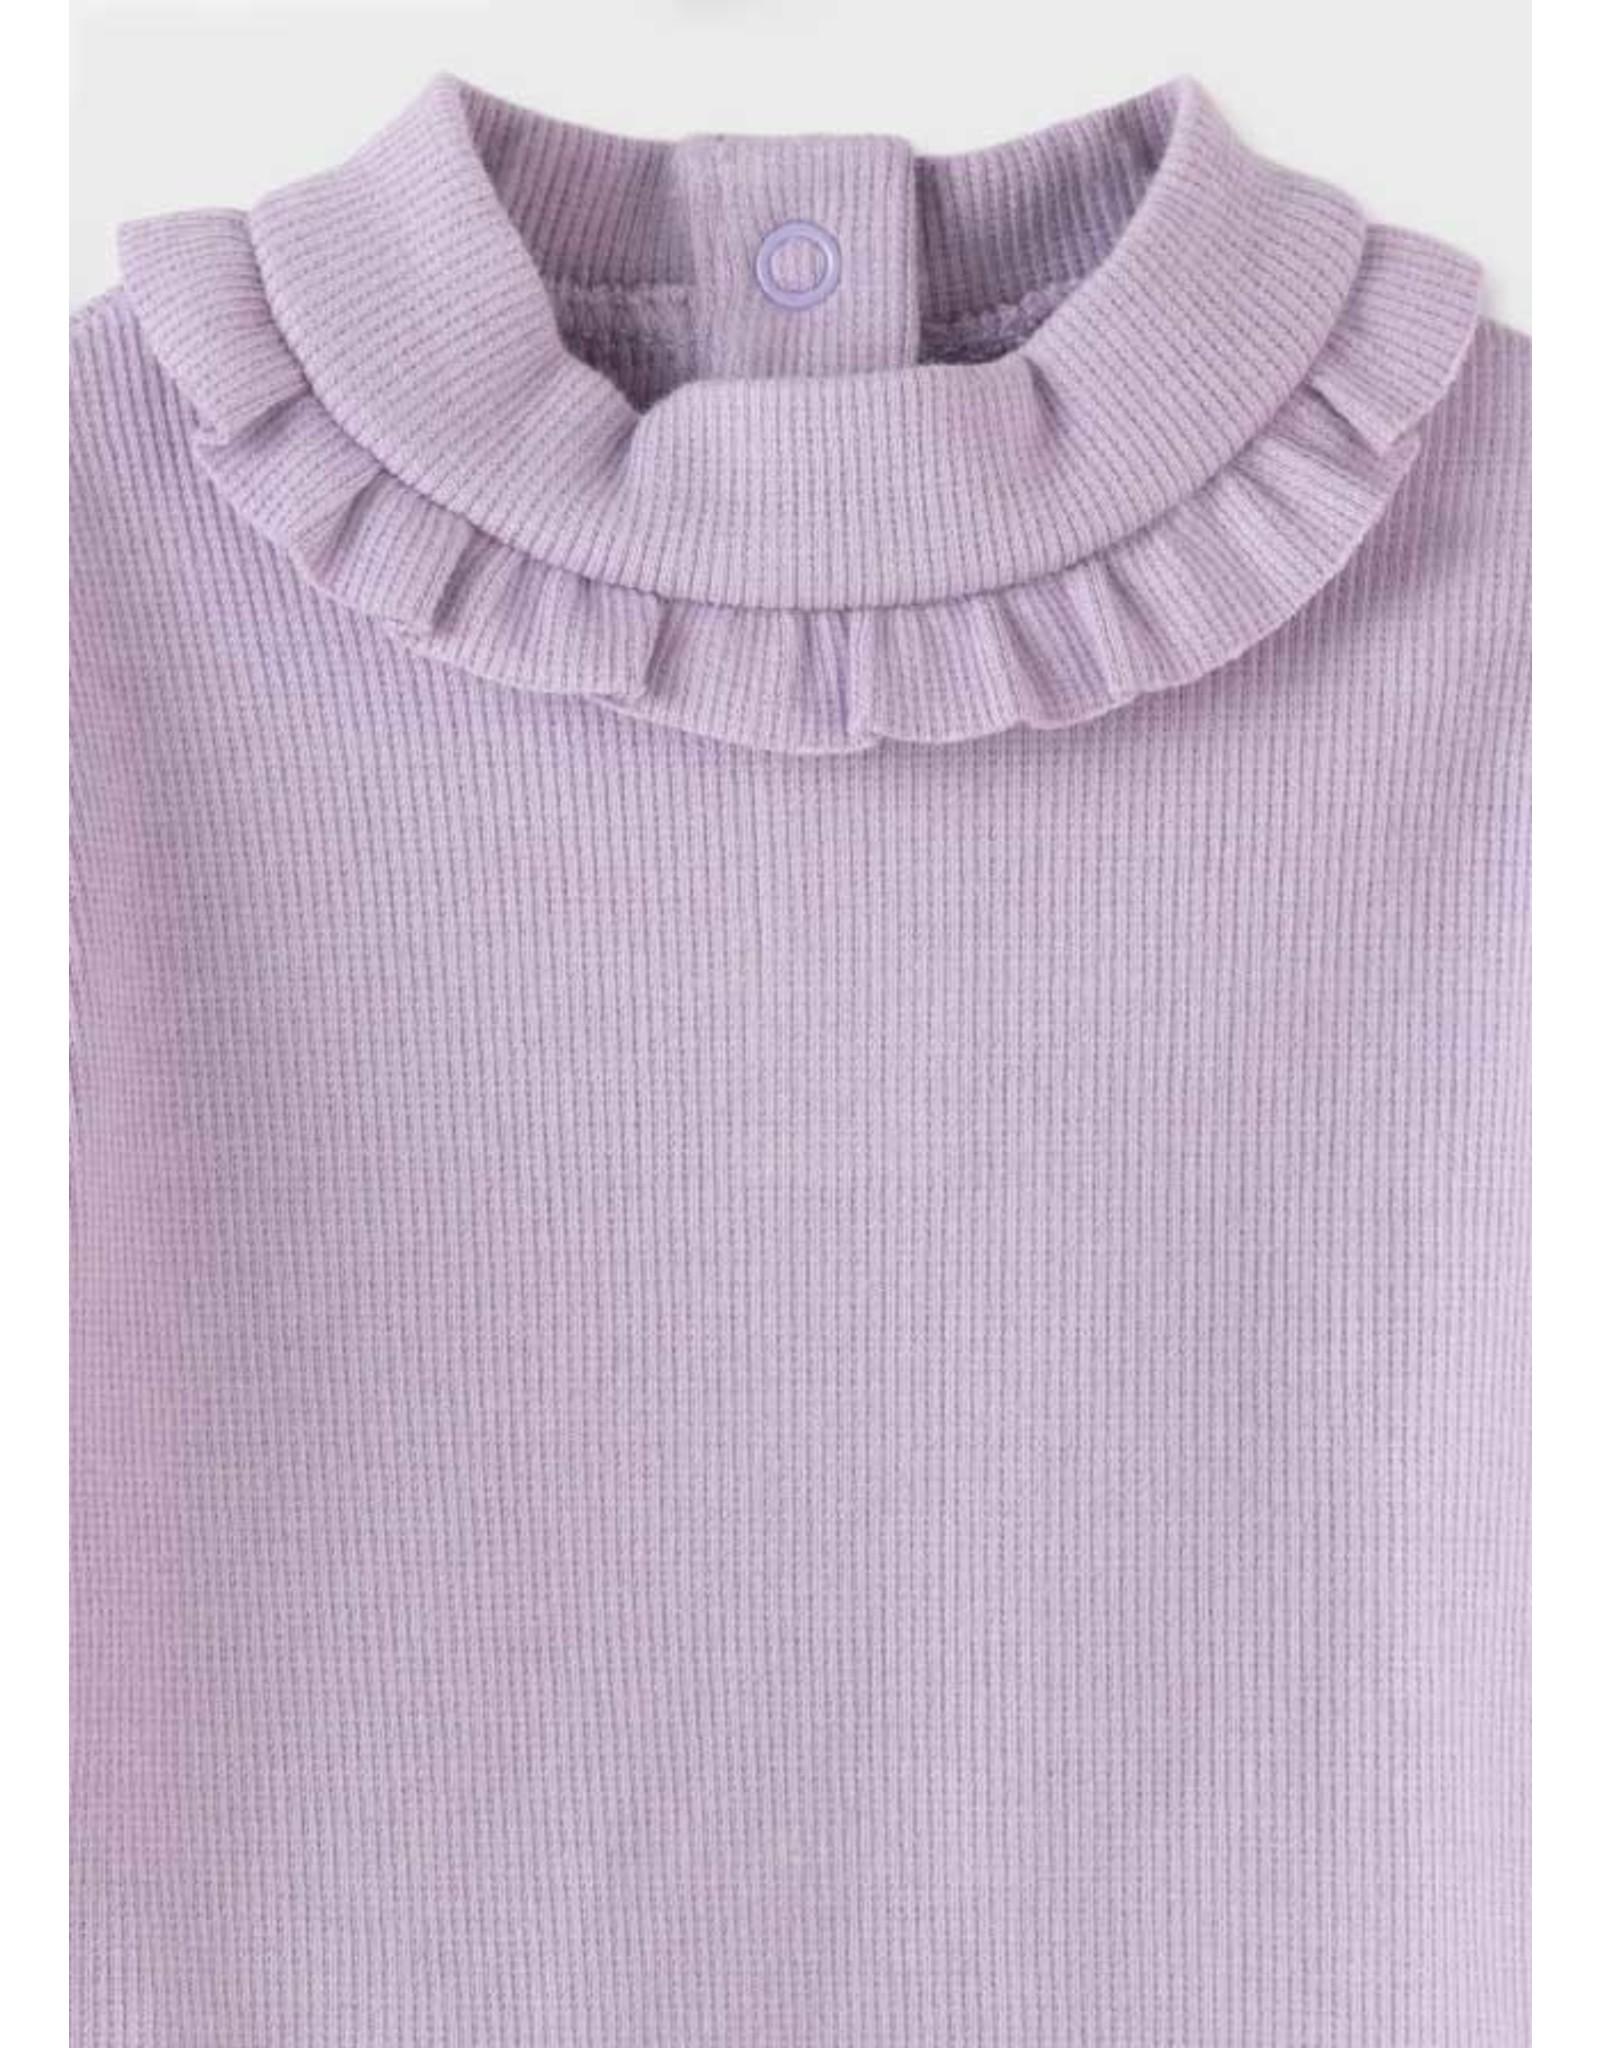 Mayoral Mockneck Sweater - Lilac